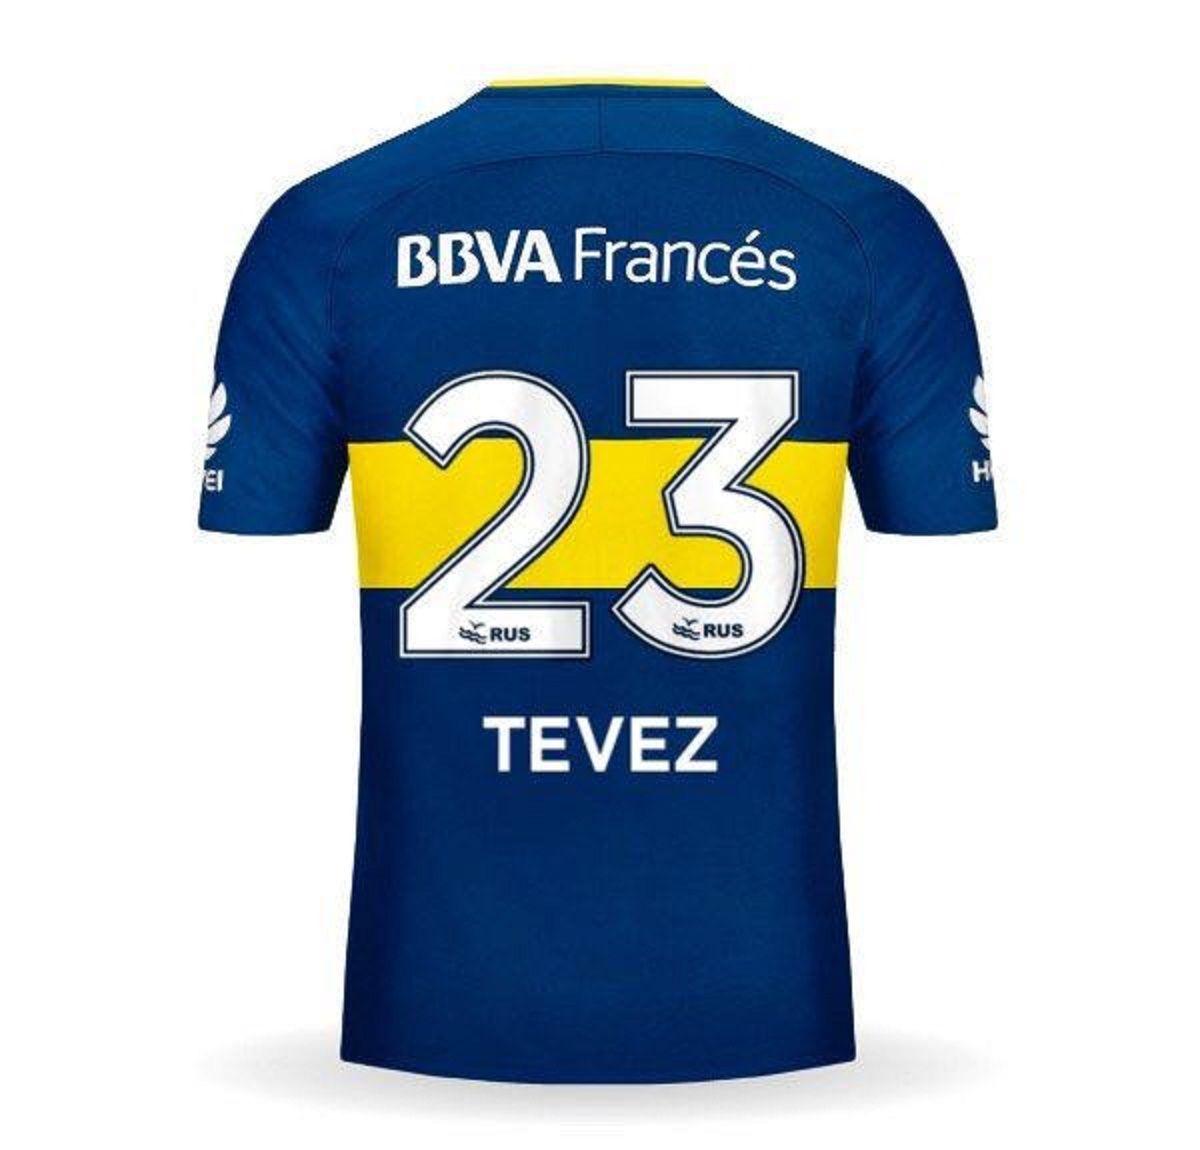 La 23 que utilizará Carlos Tevez